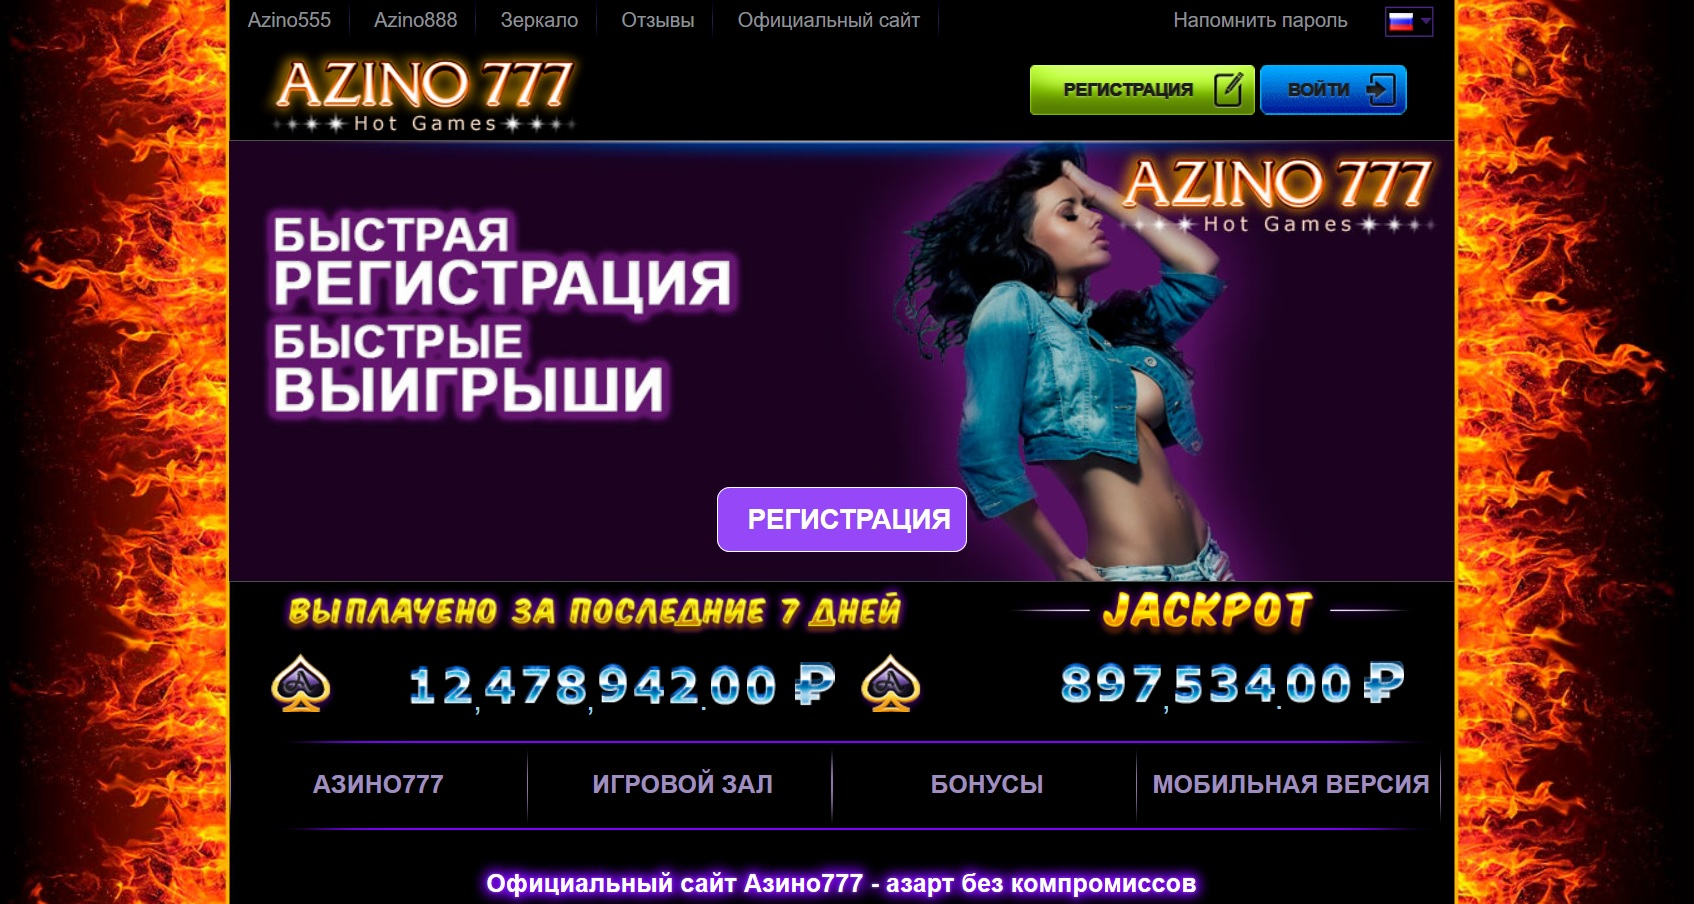 azino555 официальный сайт